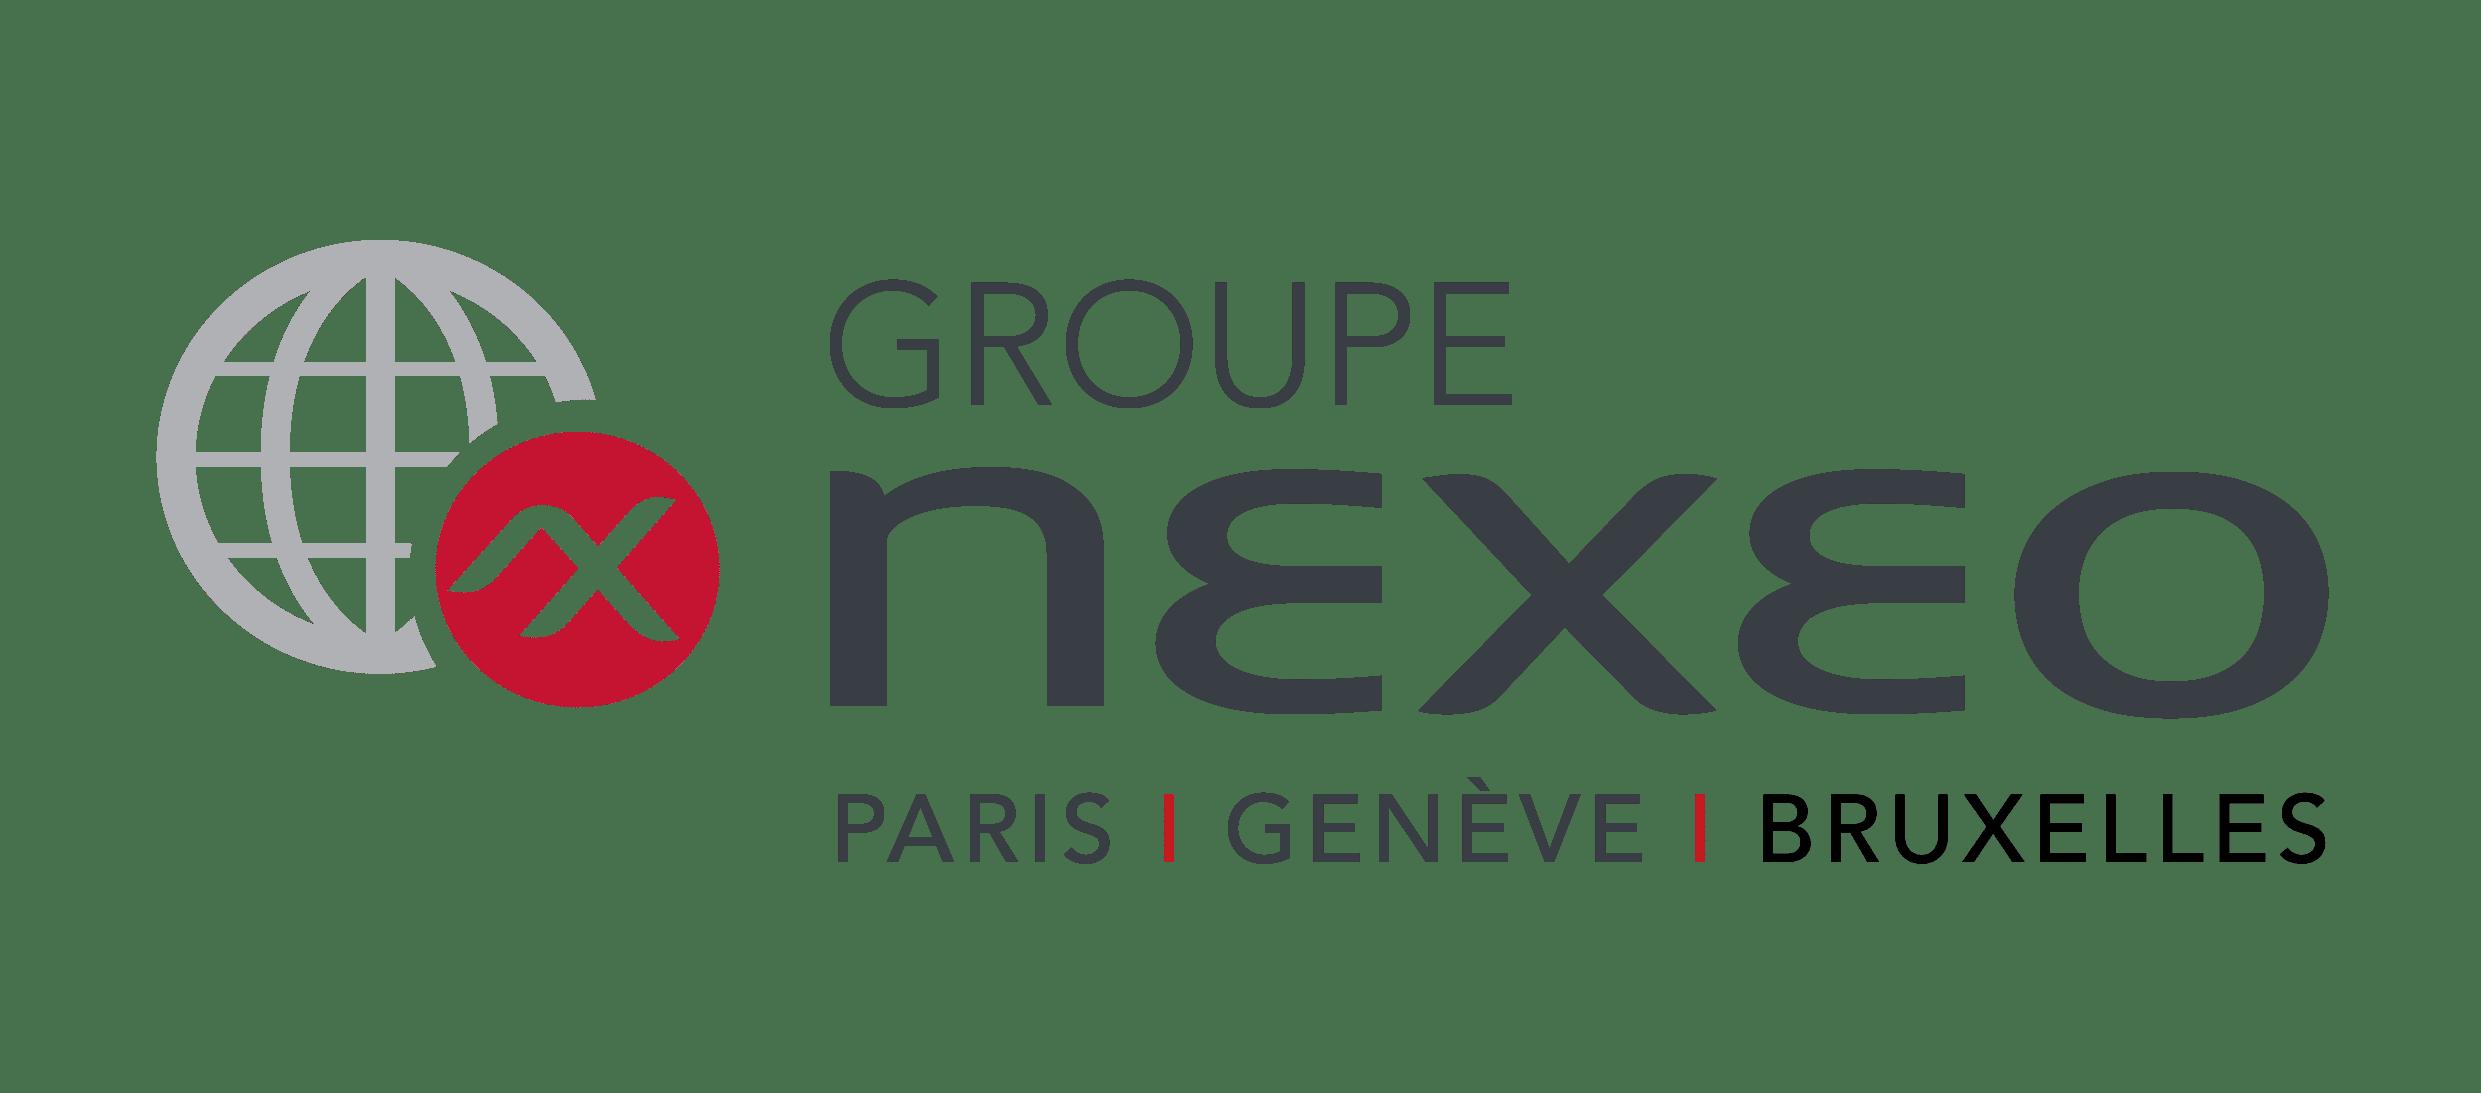 logos-nexeo_nexeo-paris-geneve-bruxelles-h